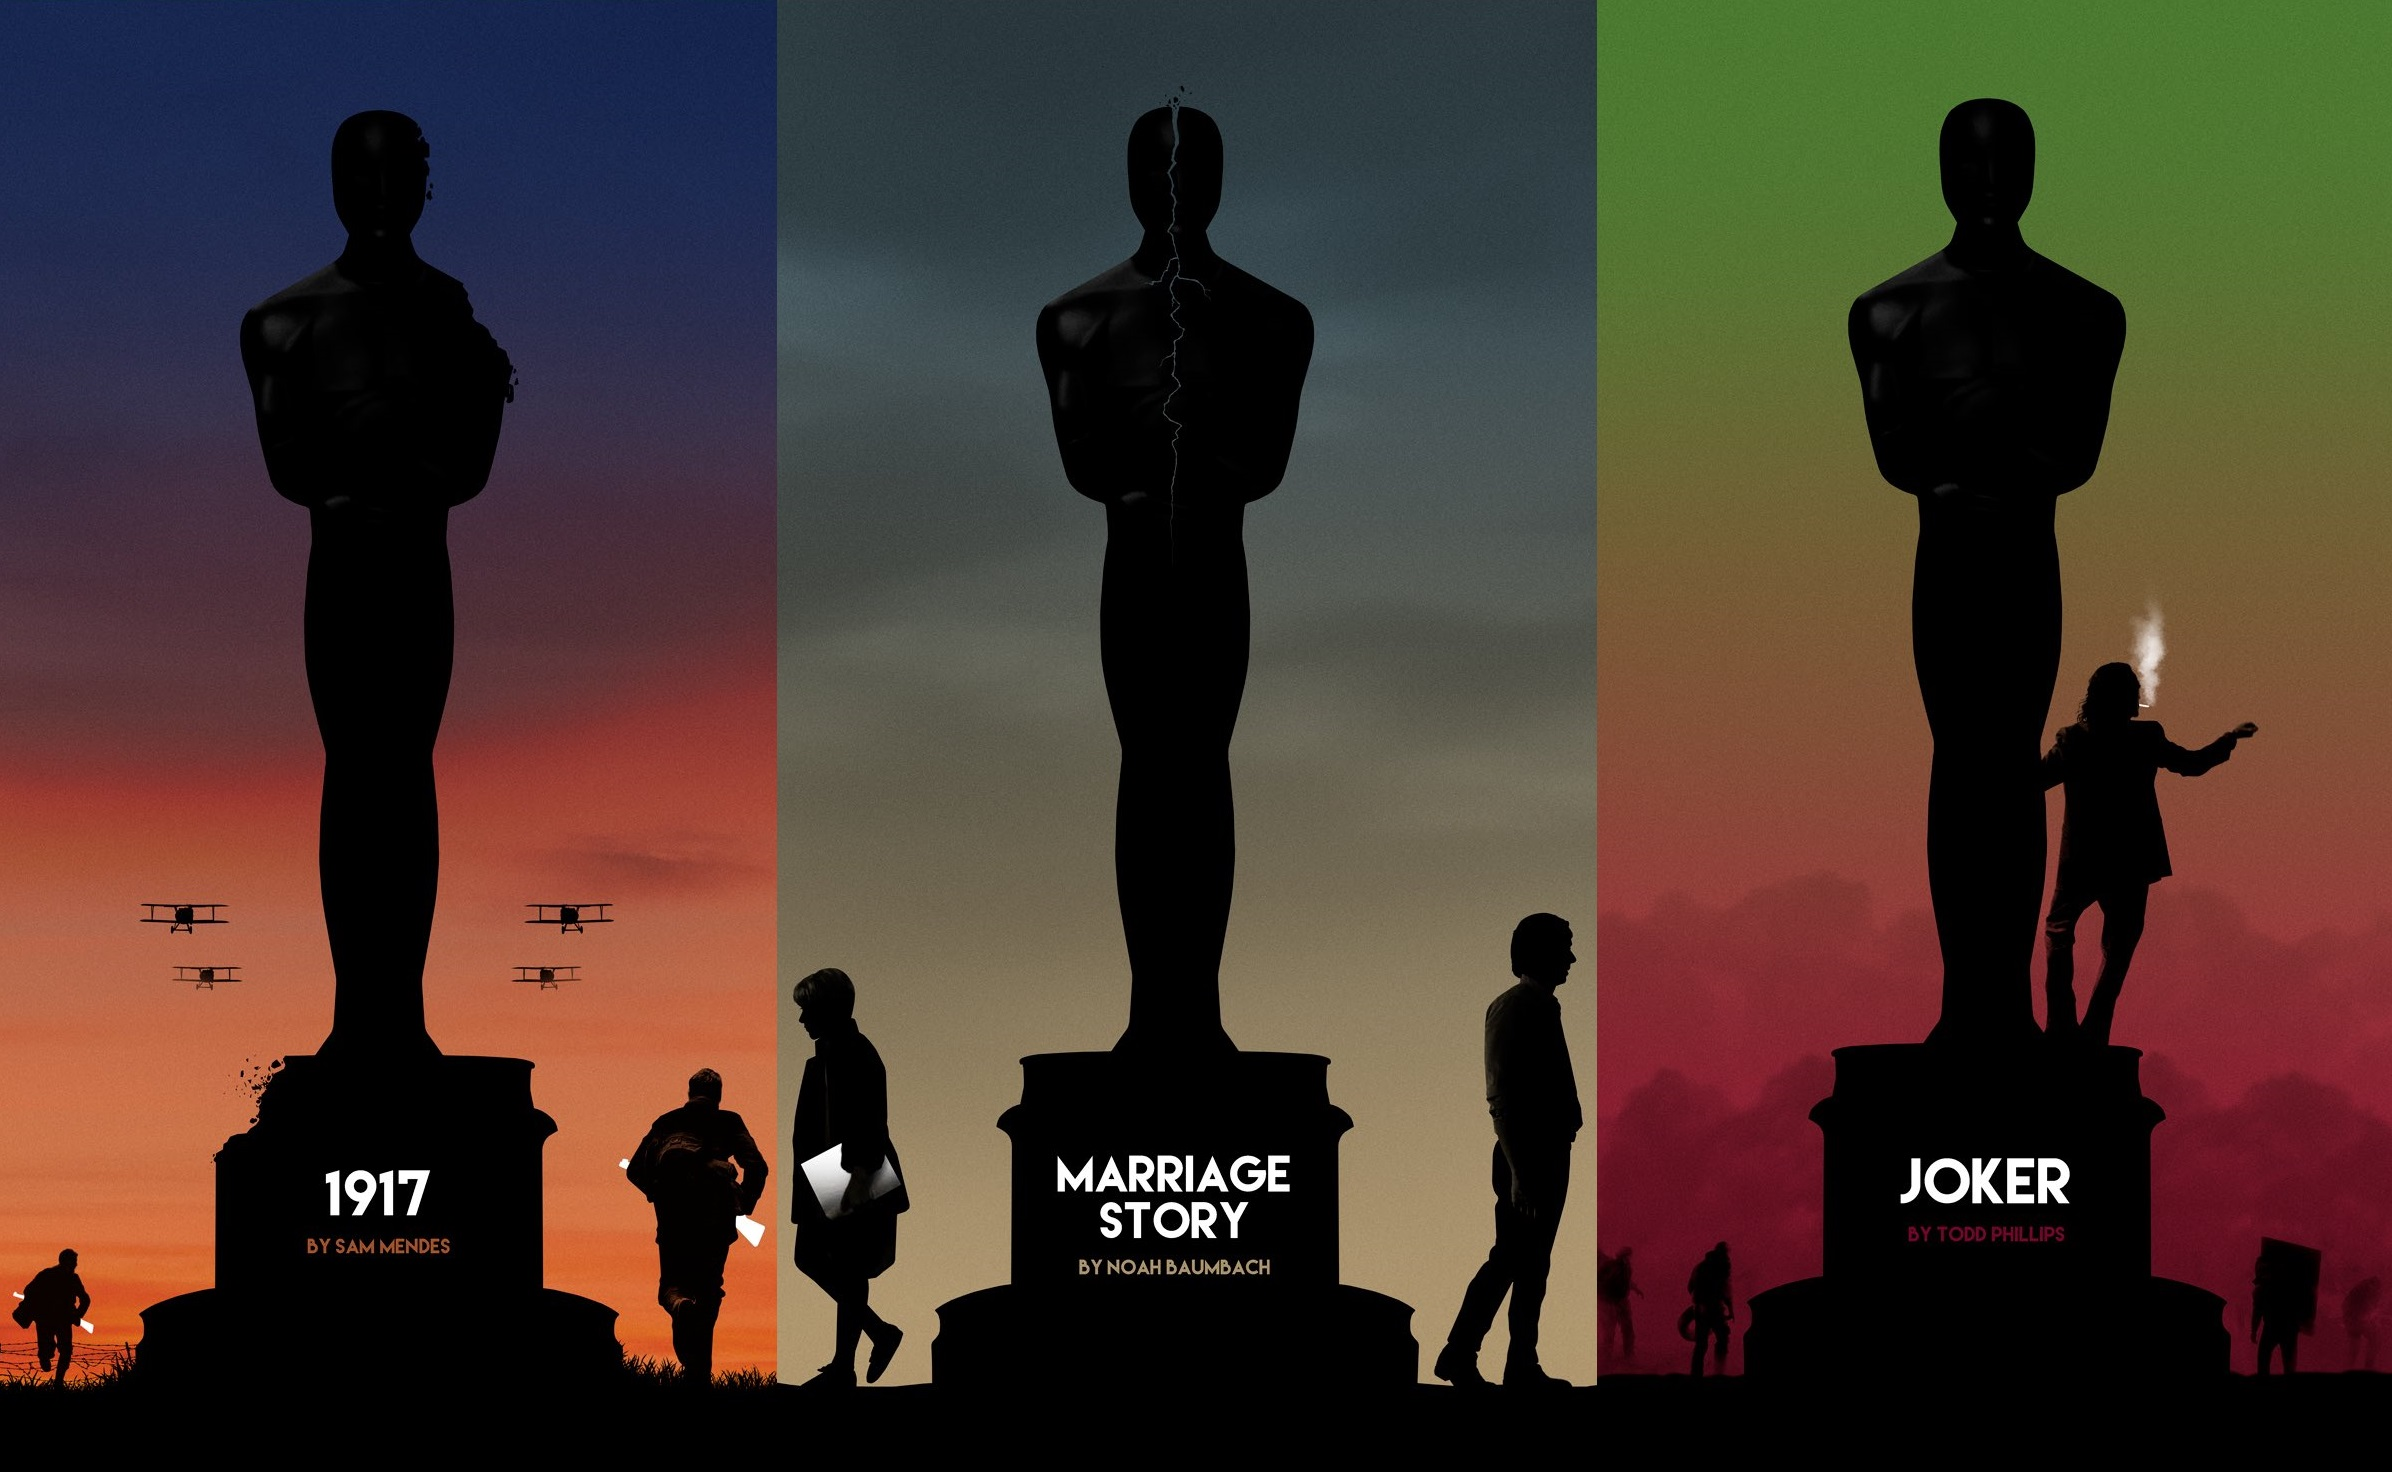 Oscar 2020: i poster dei film rivisitati dagli artisti